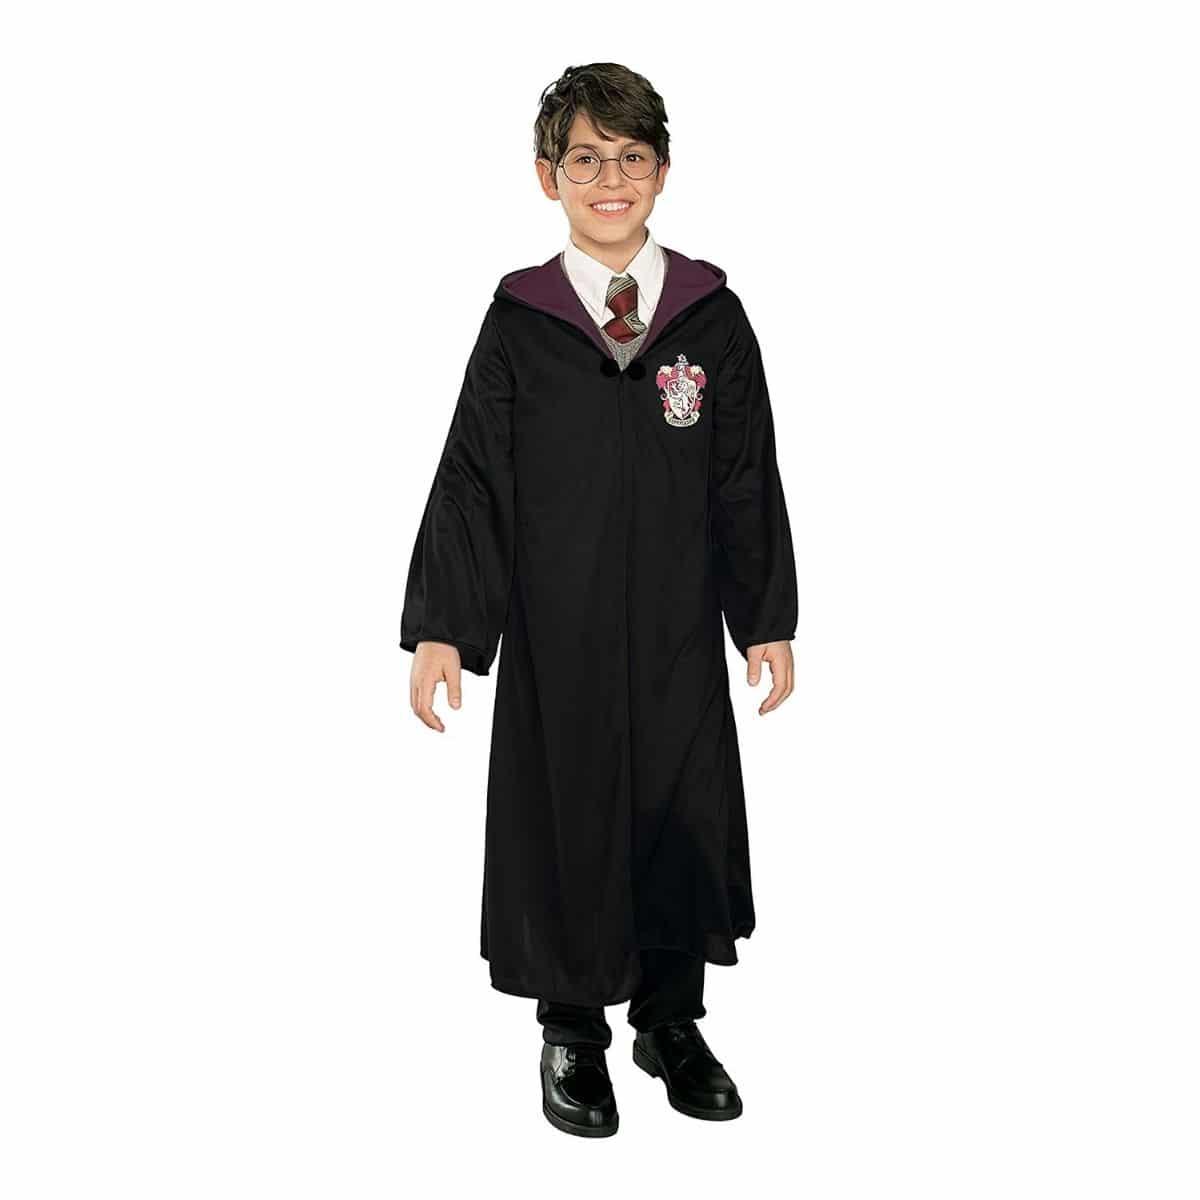 Harry Potter - Disfraz infantil Unisex